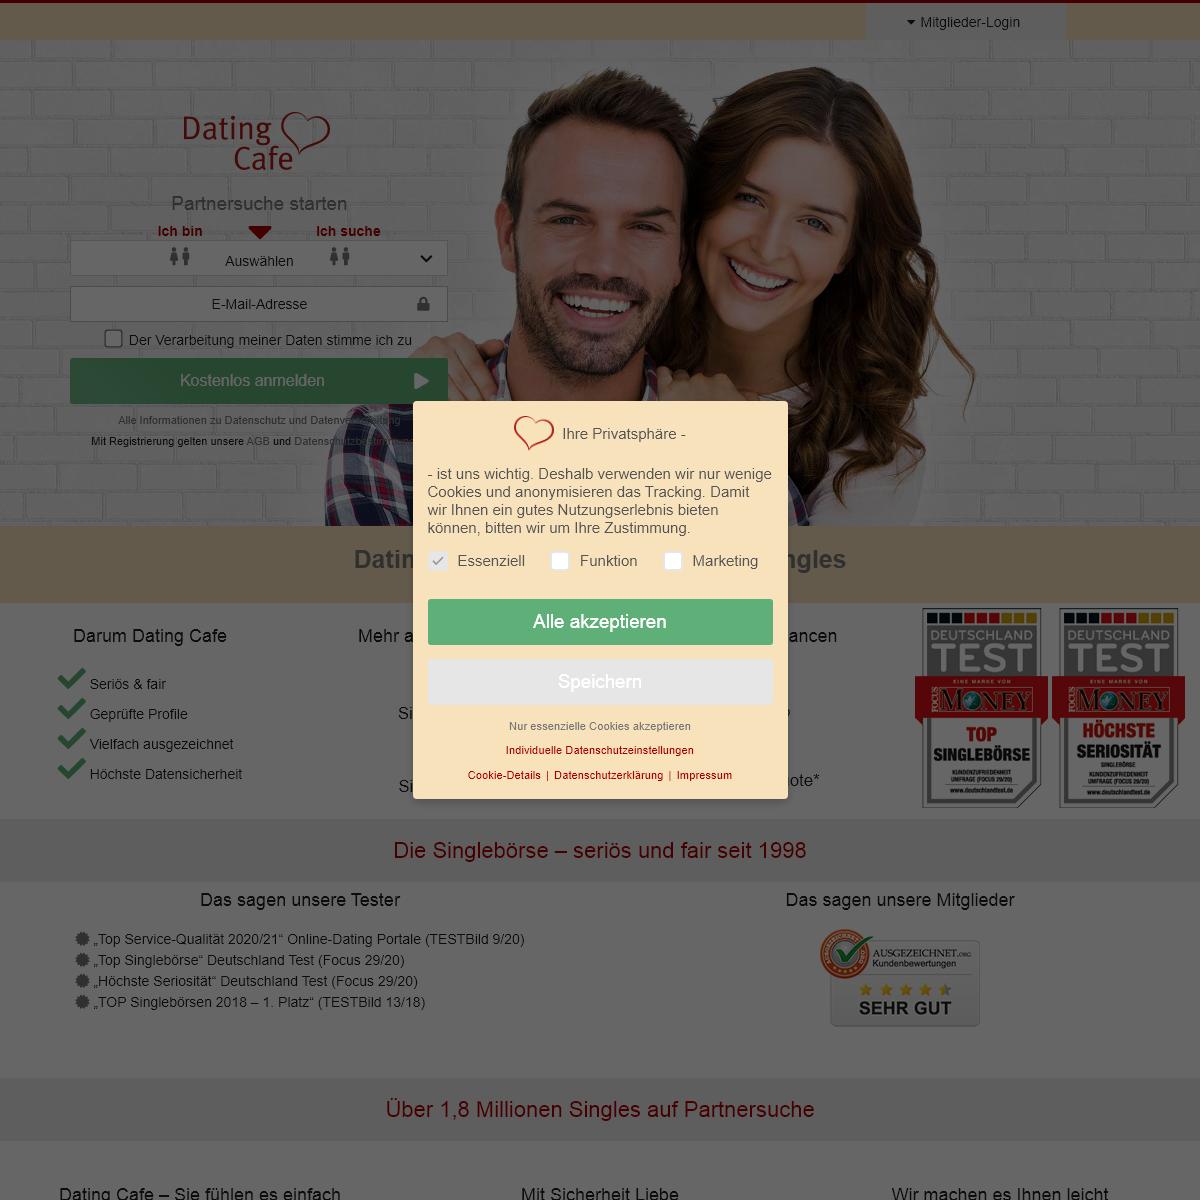 Dating Cafe - Partnersuche bei der vielfachen Testsieger-Singlebörse